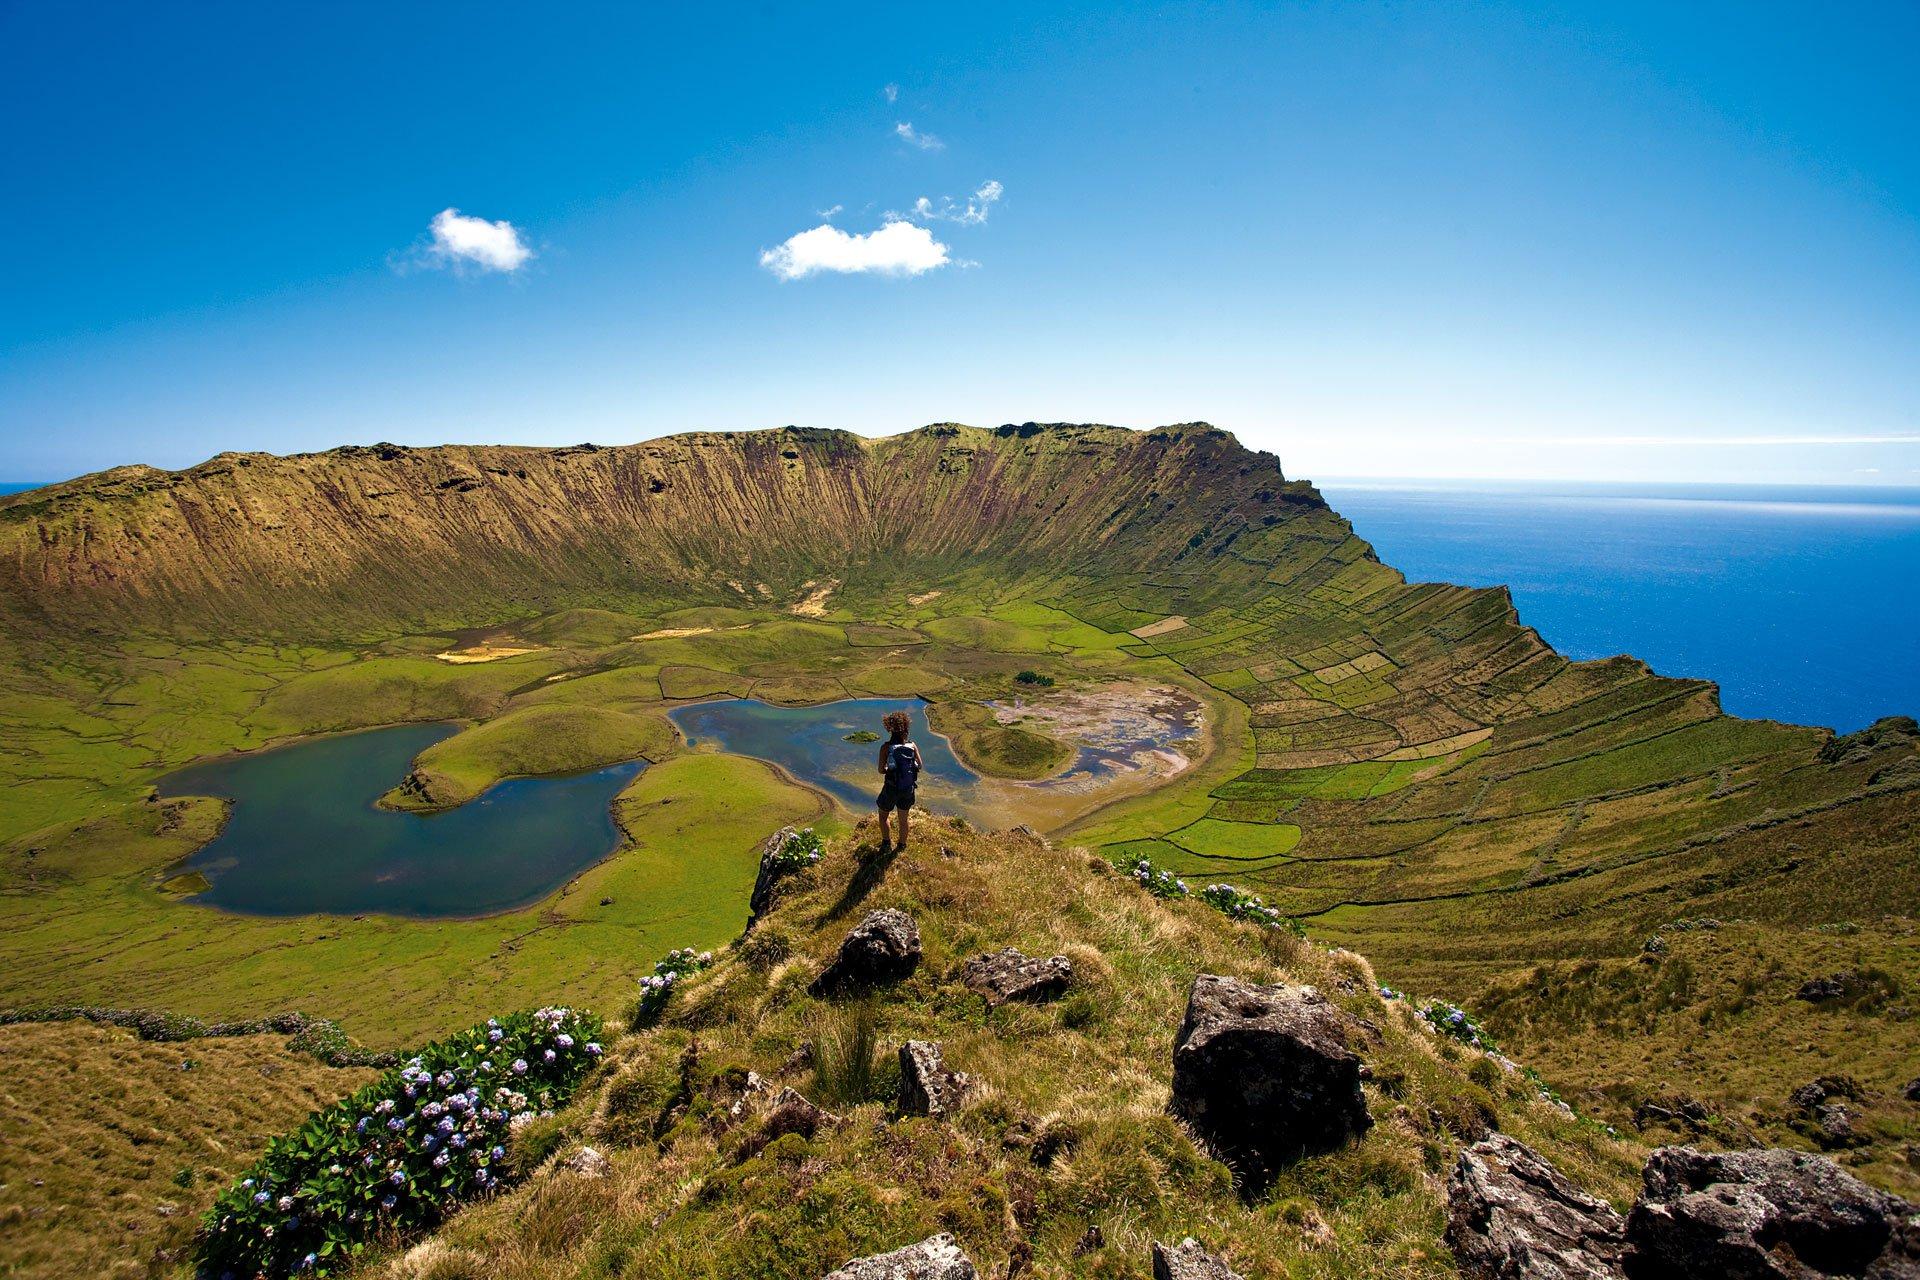 Le Caldeirão, cratère de 2.3 km de diamètre et de 300 m de profondeur. On dit que dans son intérieur est dessiné le paysage des îles açoriennes.